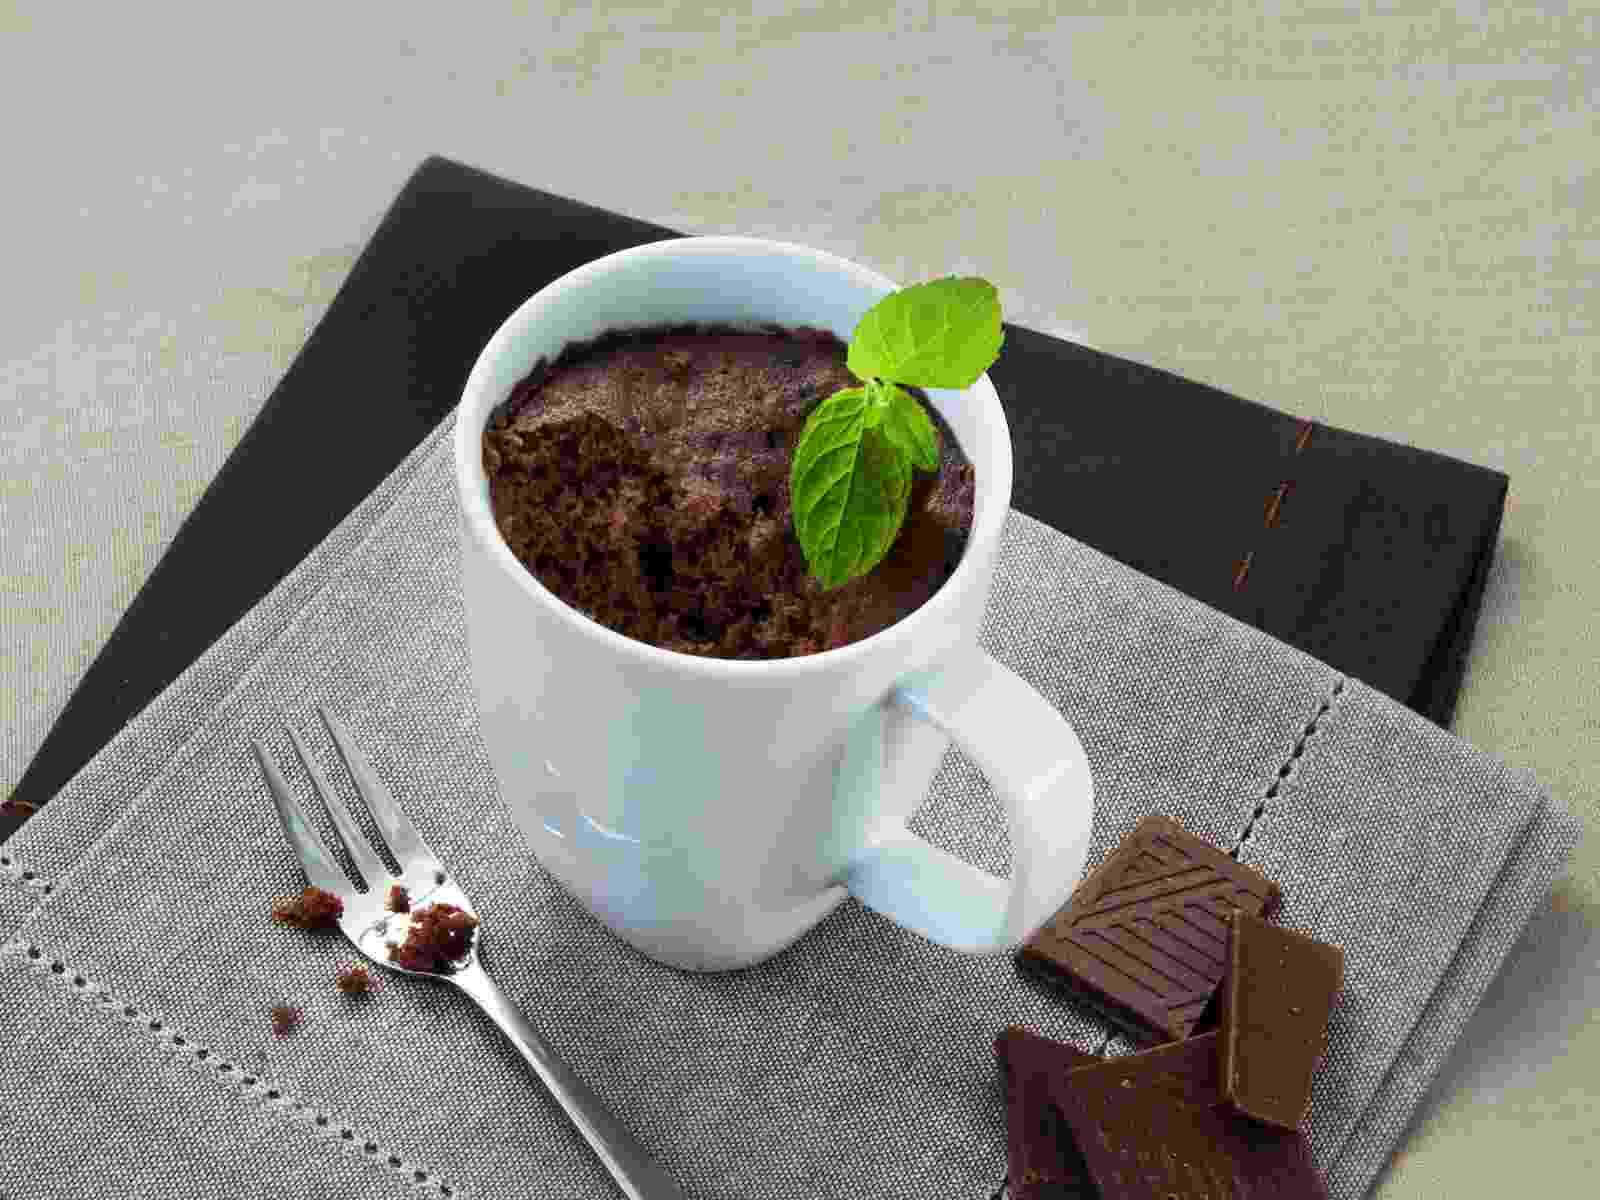 4 szybkie ciasta na poprawę nastroju – pyszne przepisy